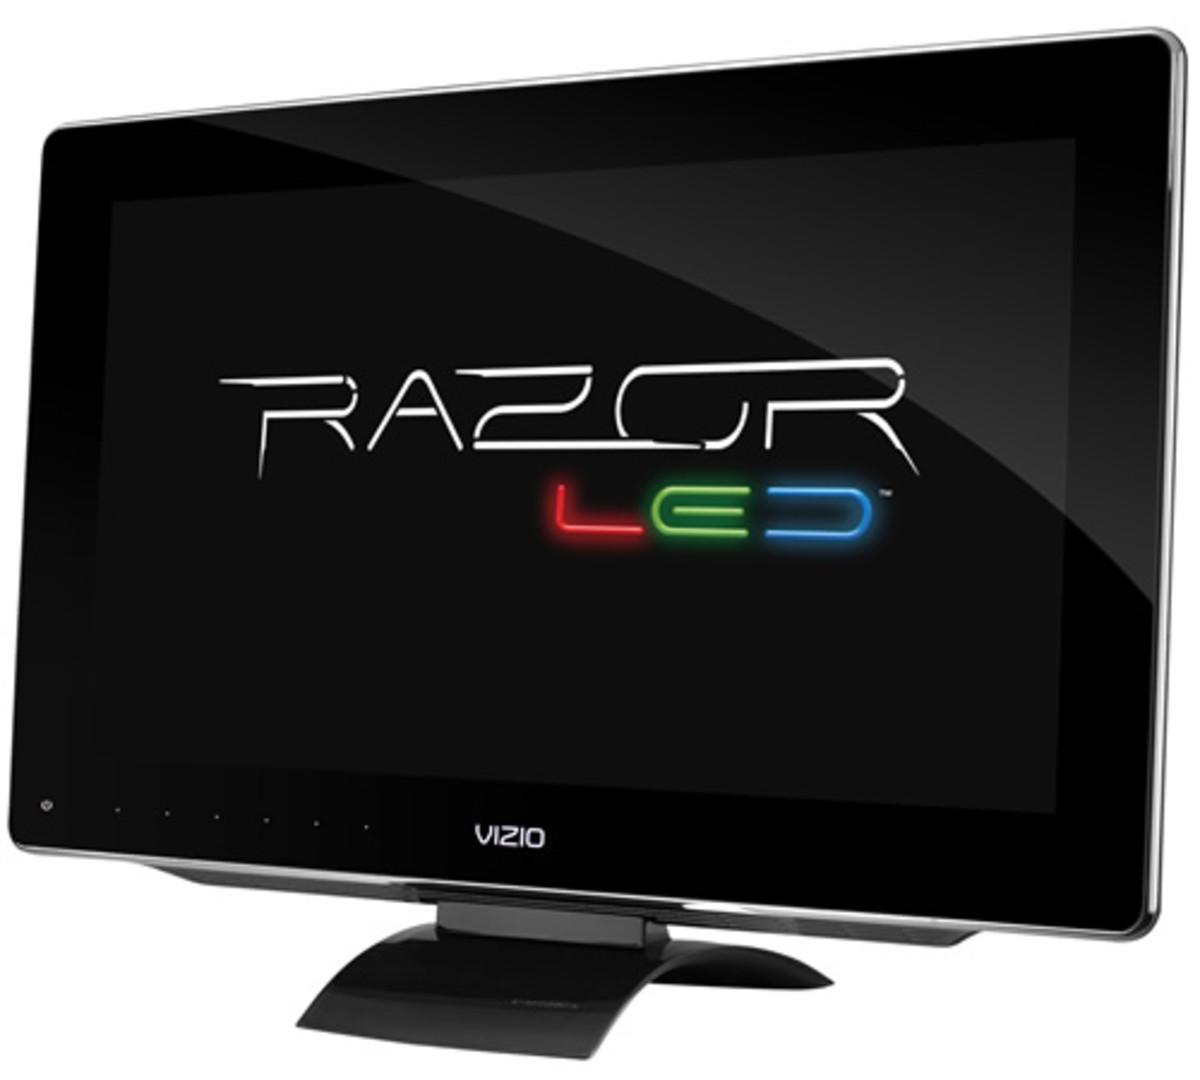 Vizio Razor LED TV - Acquire